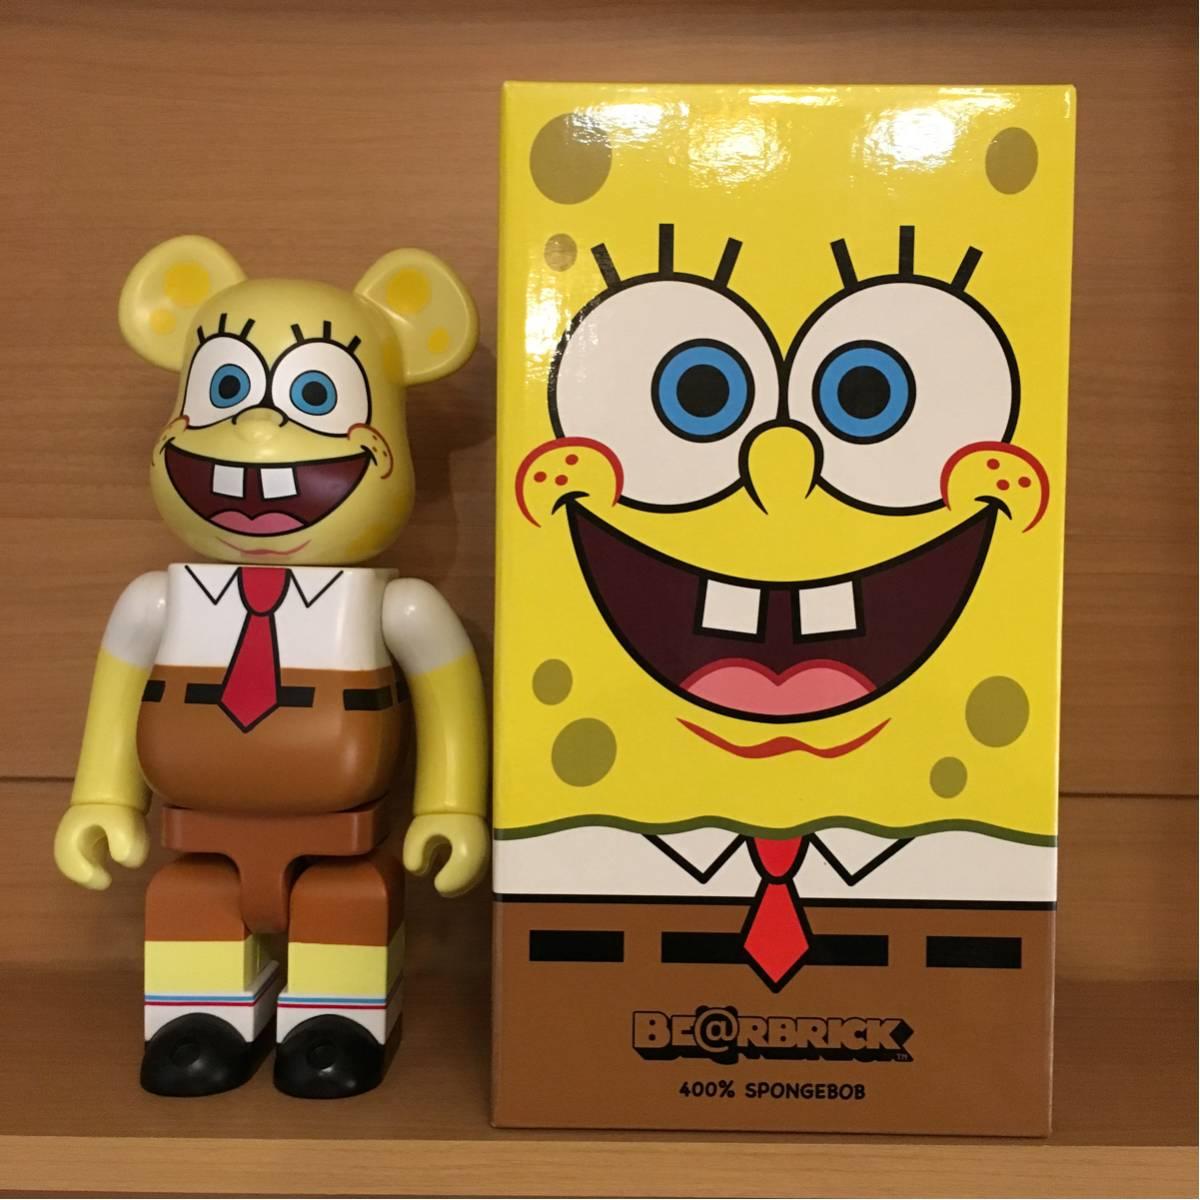 スポンジボブ ベアブリック spongebob squarepants be@rbrick ヤマシロヤ //kaws グッズの画像